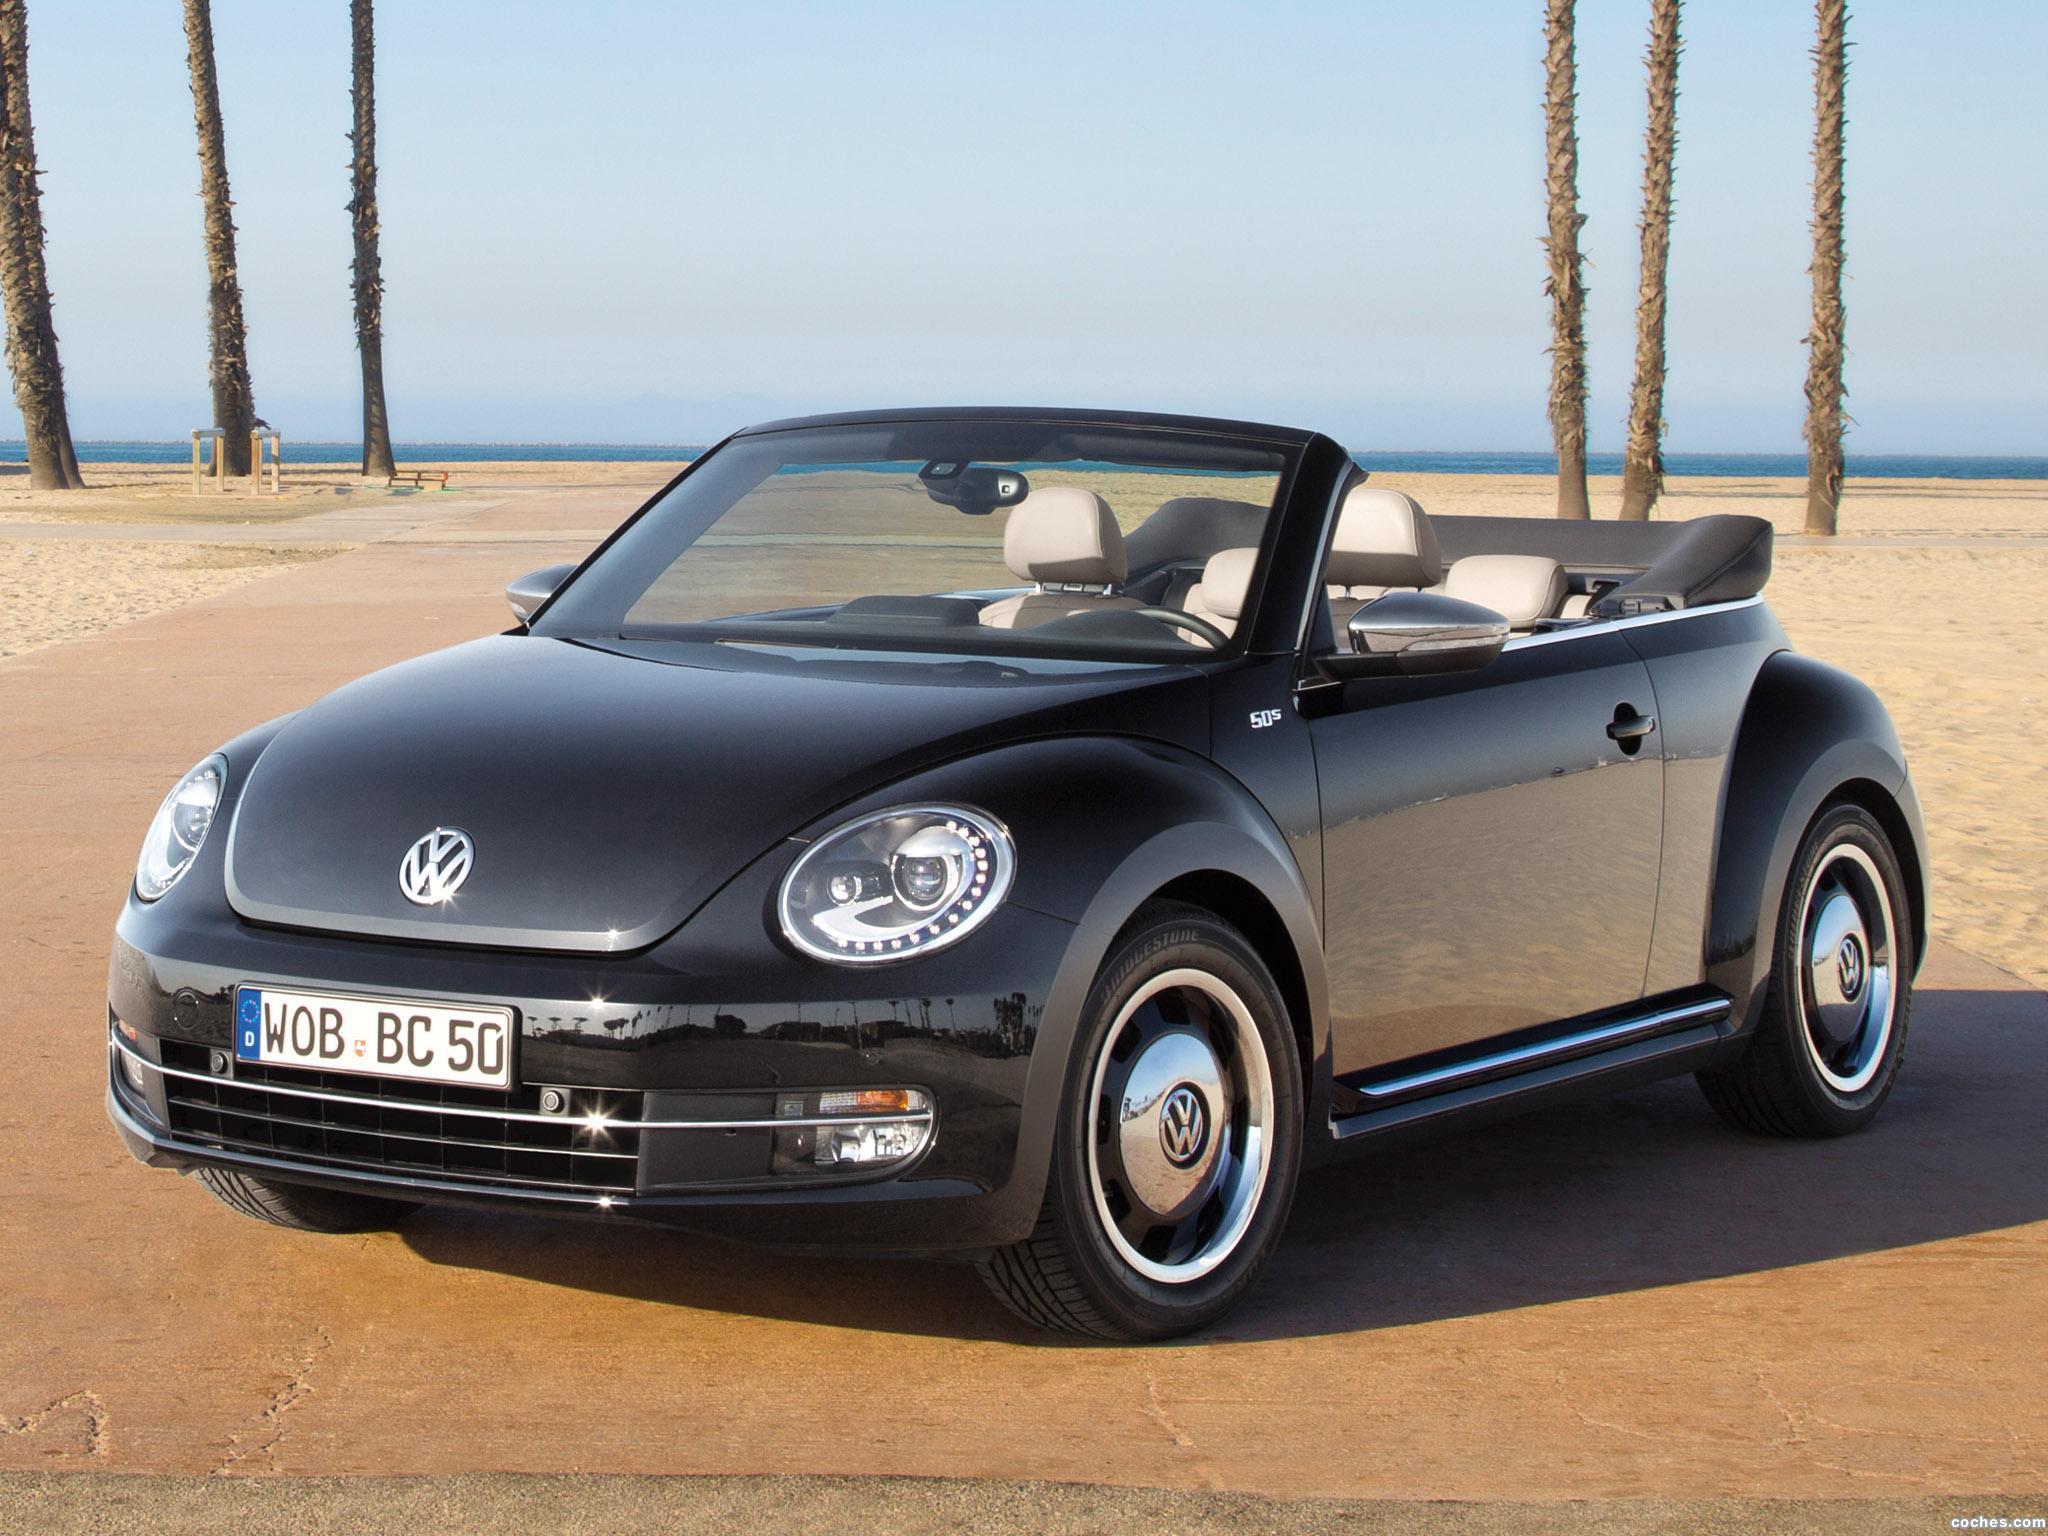 Foto 0 de Volkswagen Beetle Cabriolet 50s Edition 2013